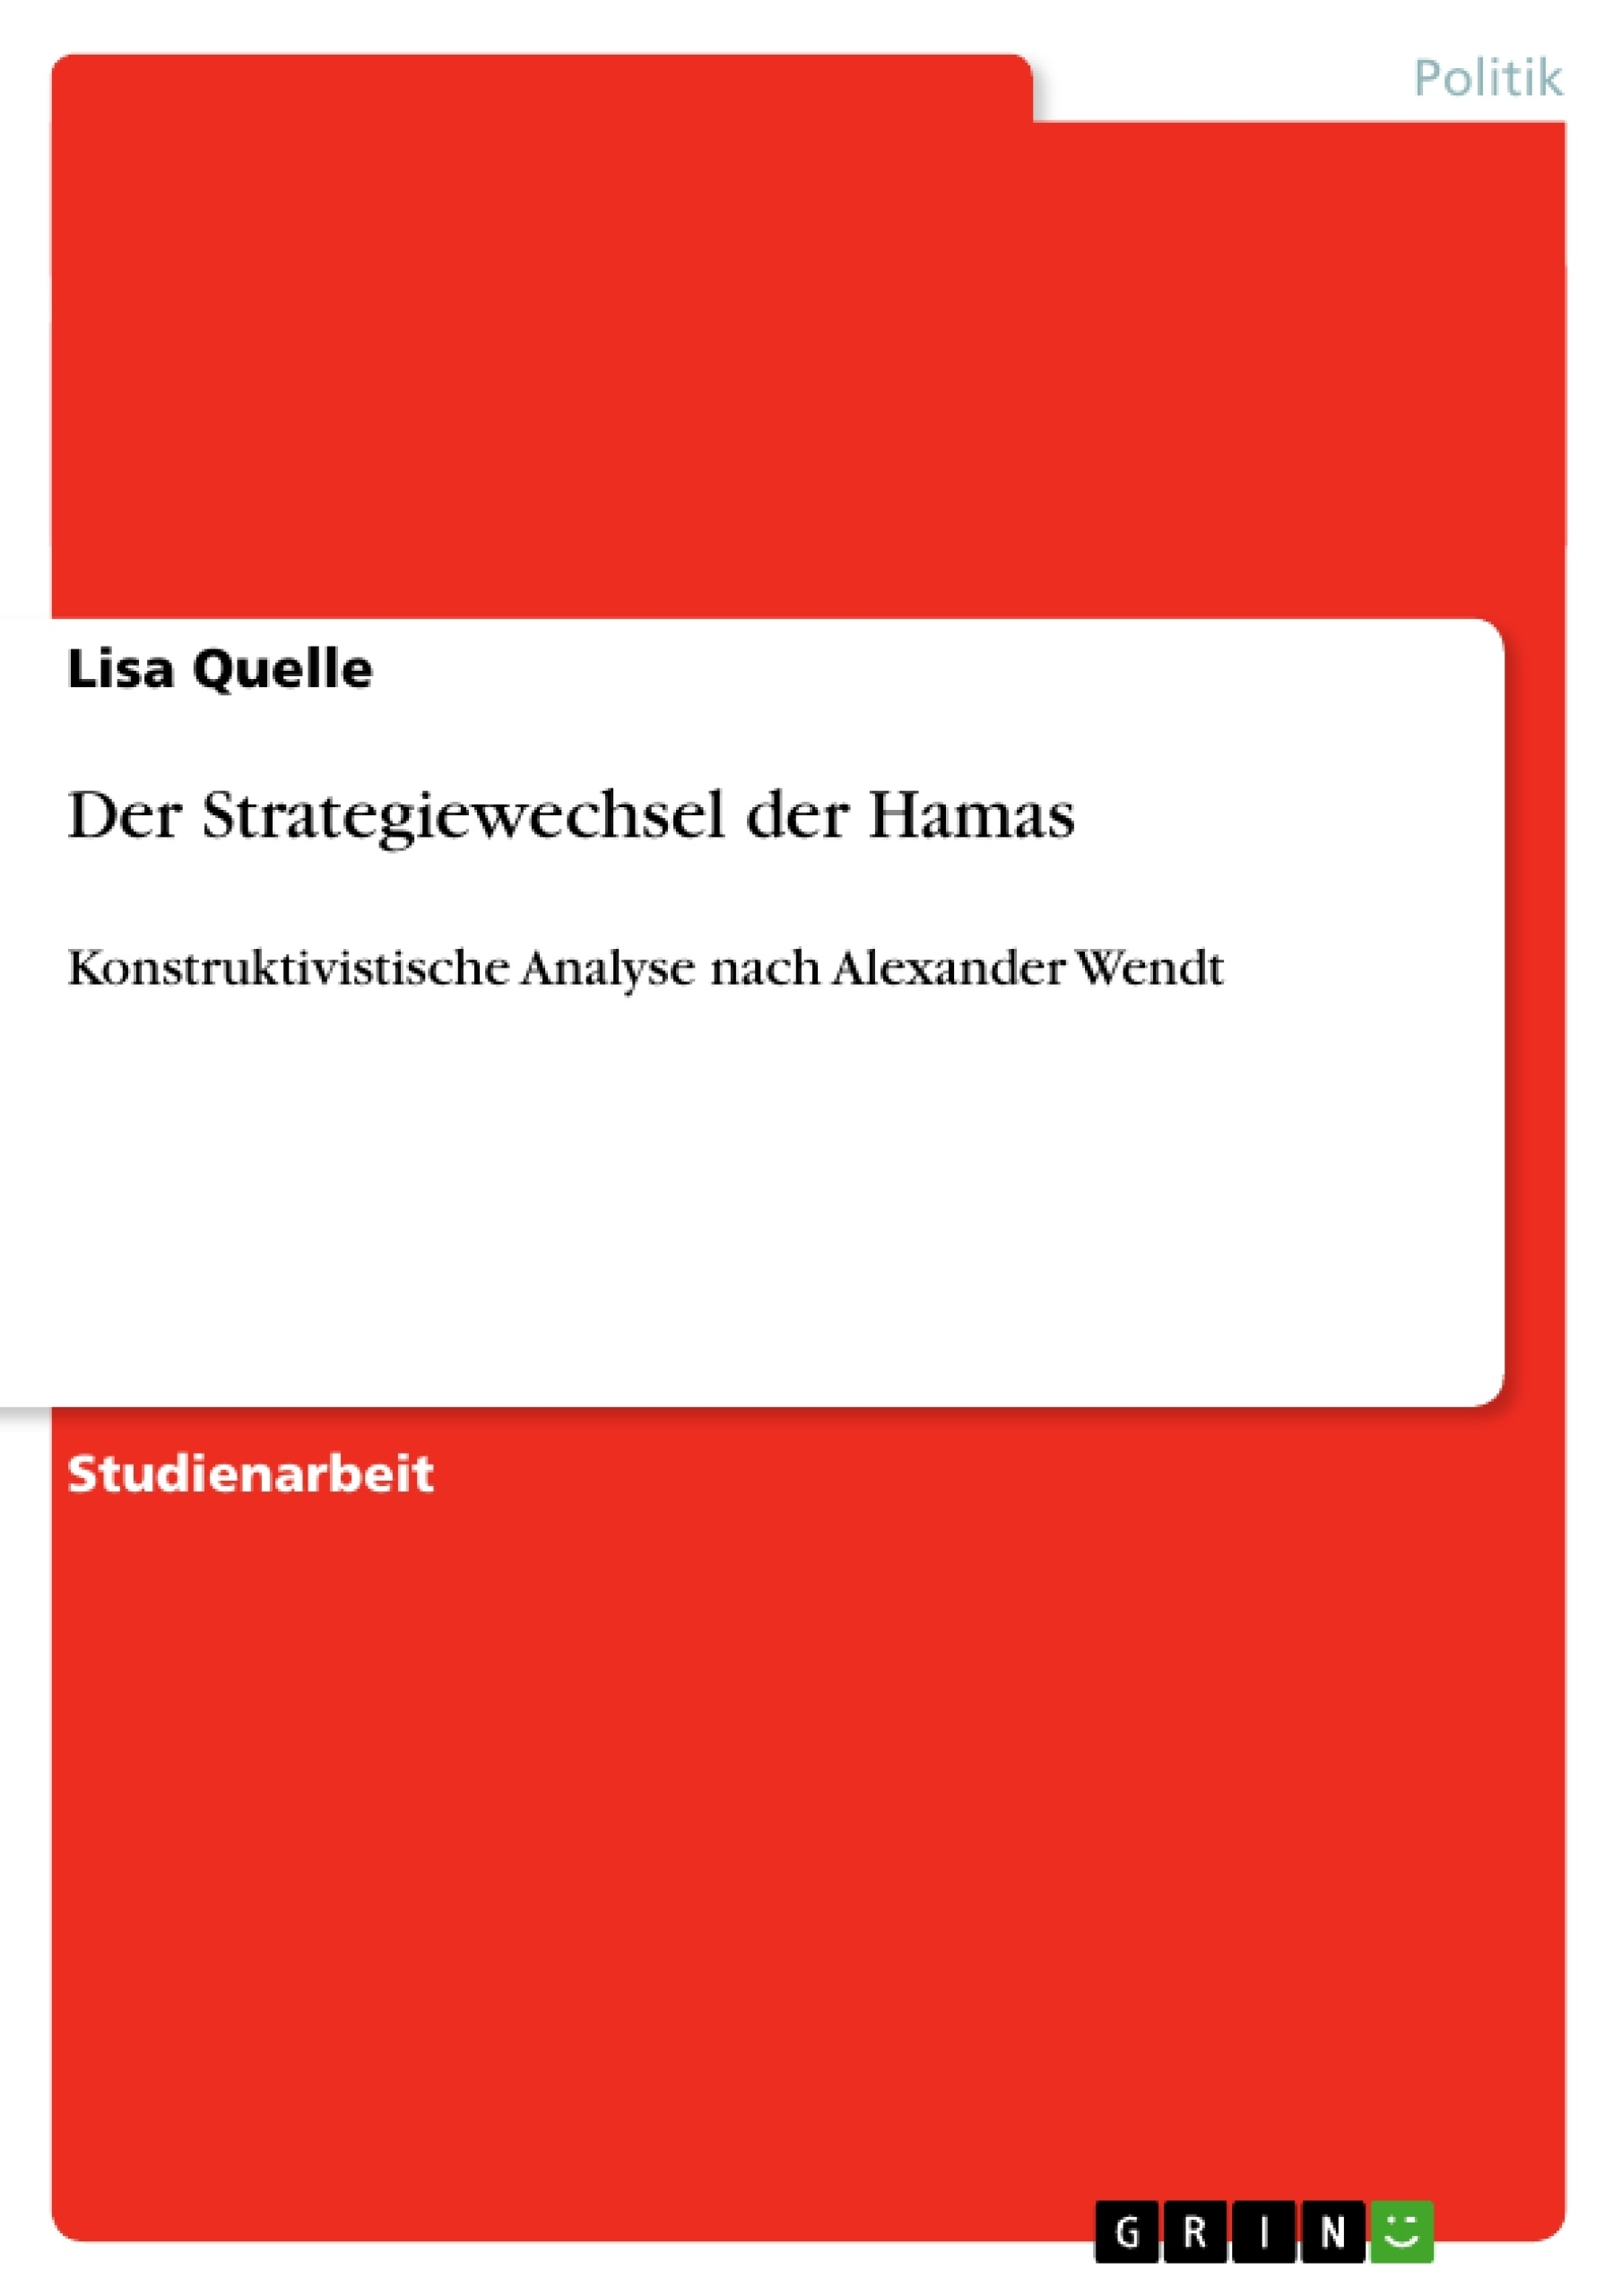 Titel: Der Strategiewechsel der Hamas